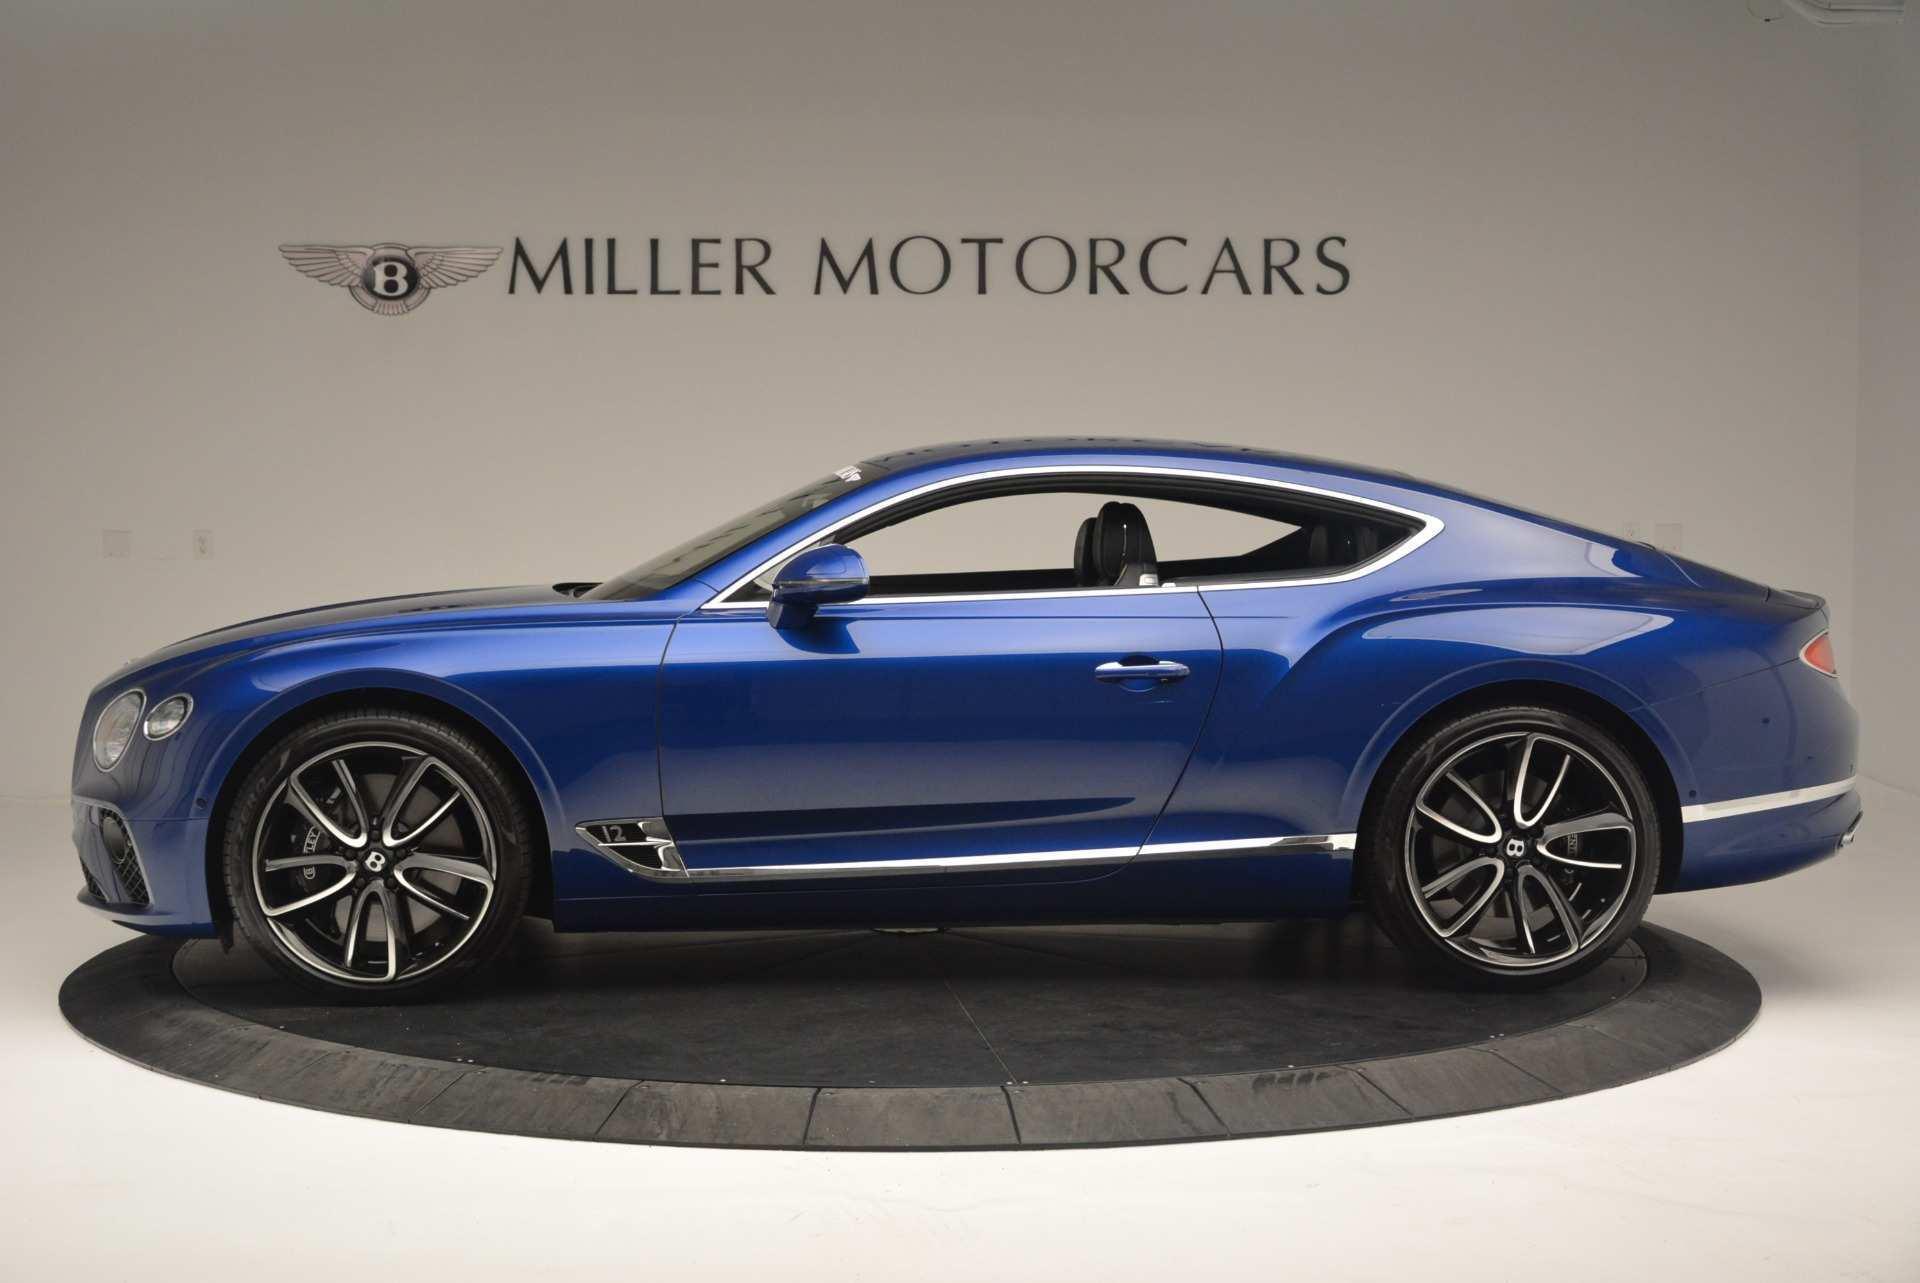 17 Great 2020 Bentley Gt Overview with 2020 Bentley Gt